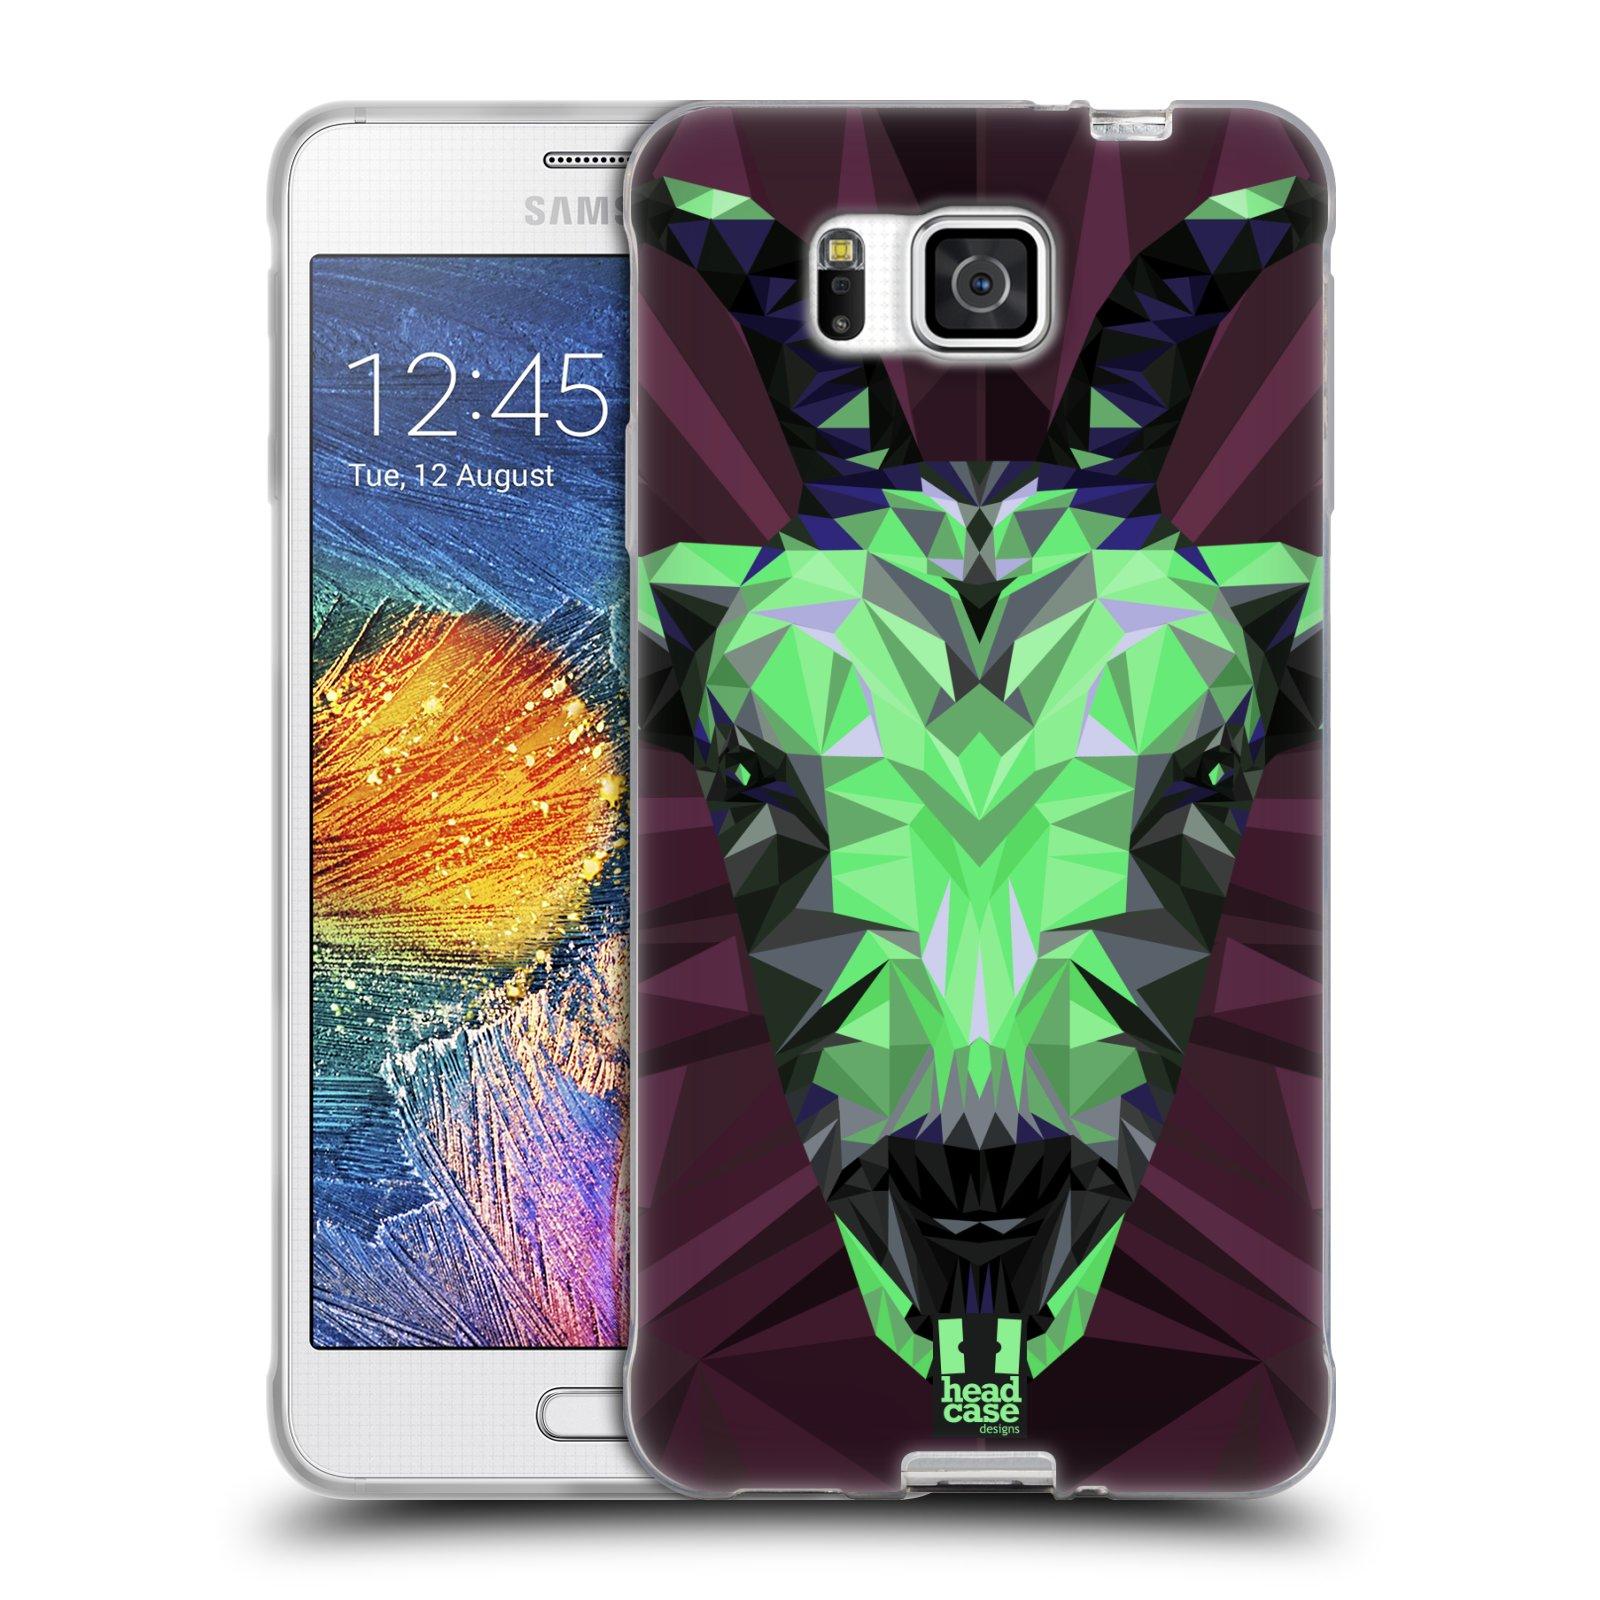 HEAD CASE silikonový obal na mobil Samsung Galaxy ALPHA vzor Geometrická zvířata 2 kozel